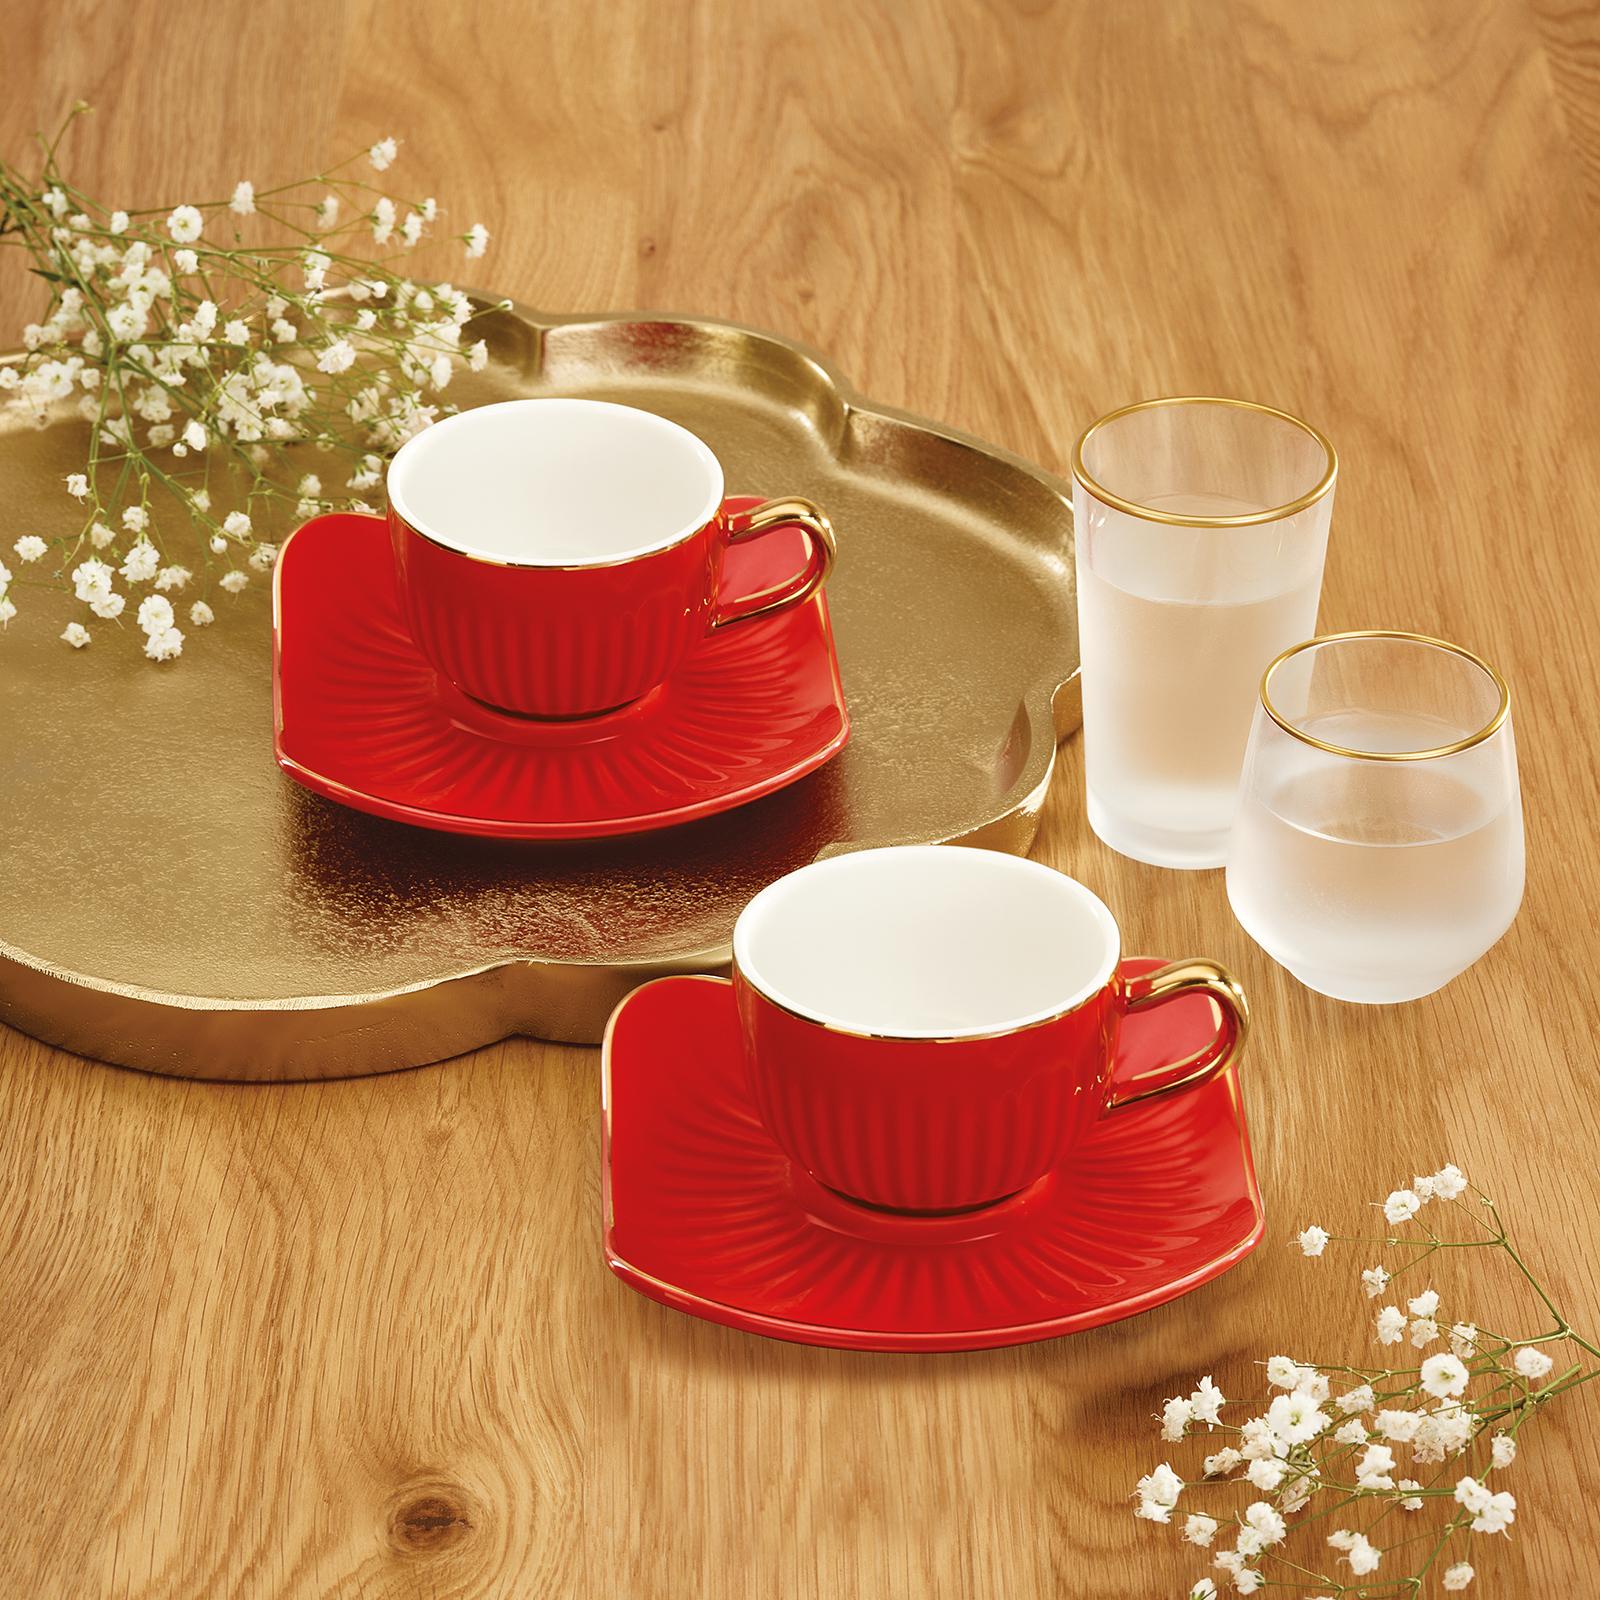 Emsan Nasip Kırmızı 2 Kişilik Kahve Fincan Takımı